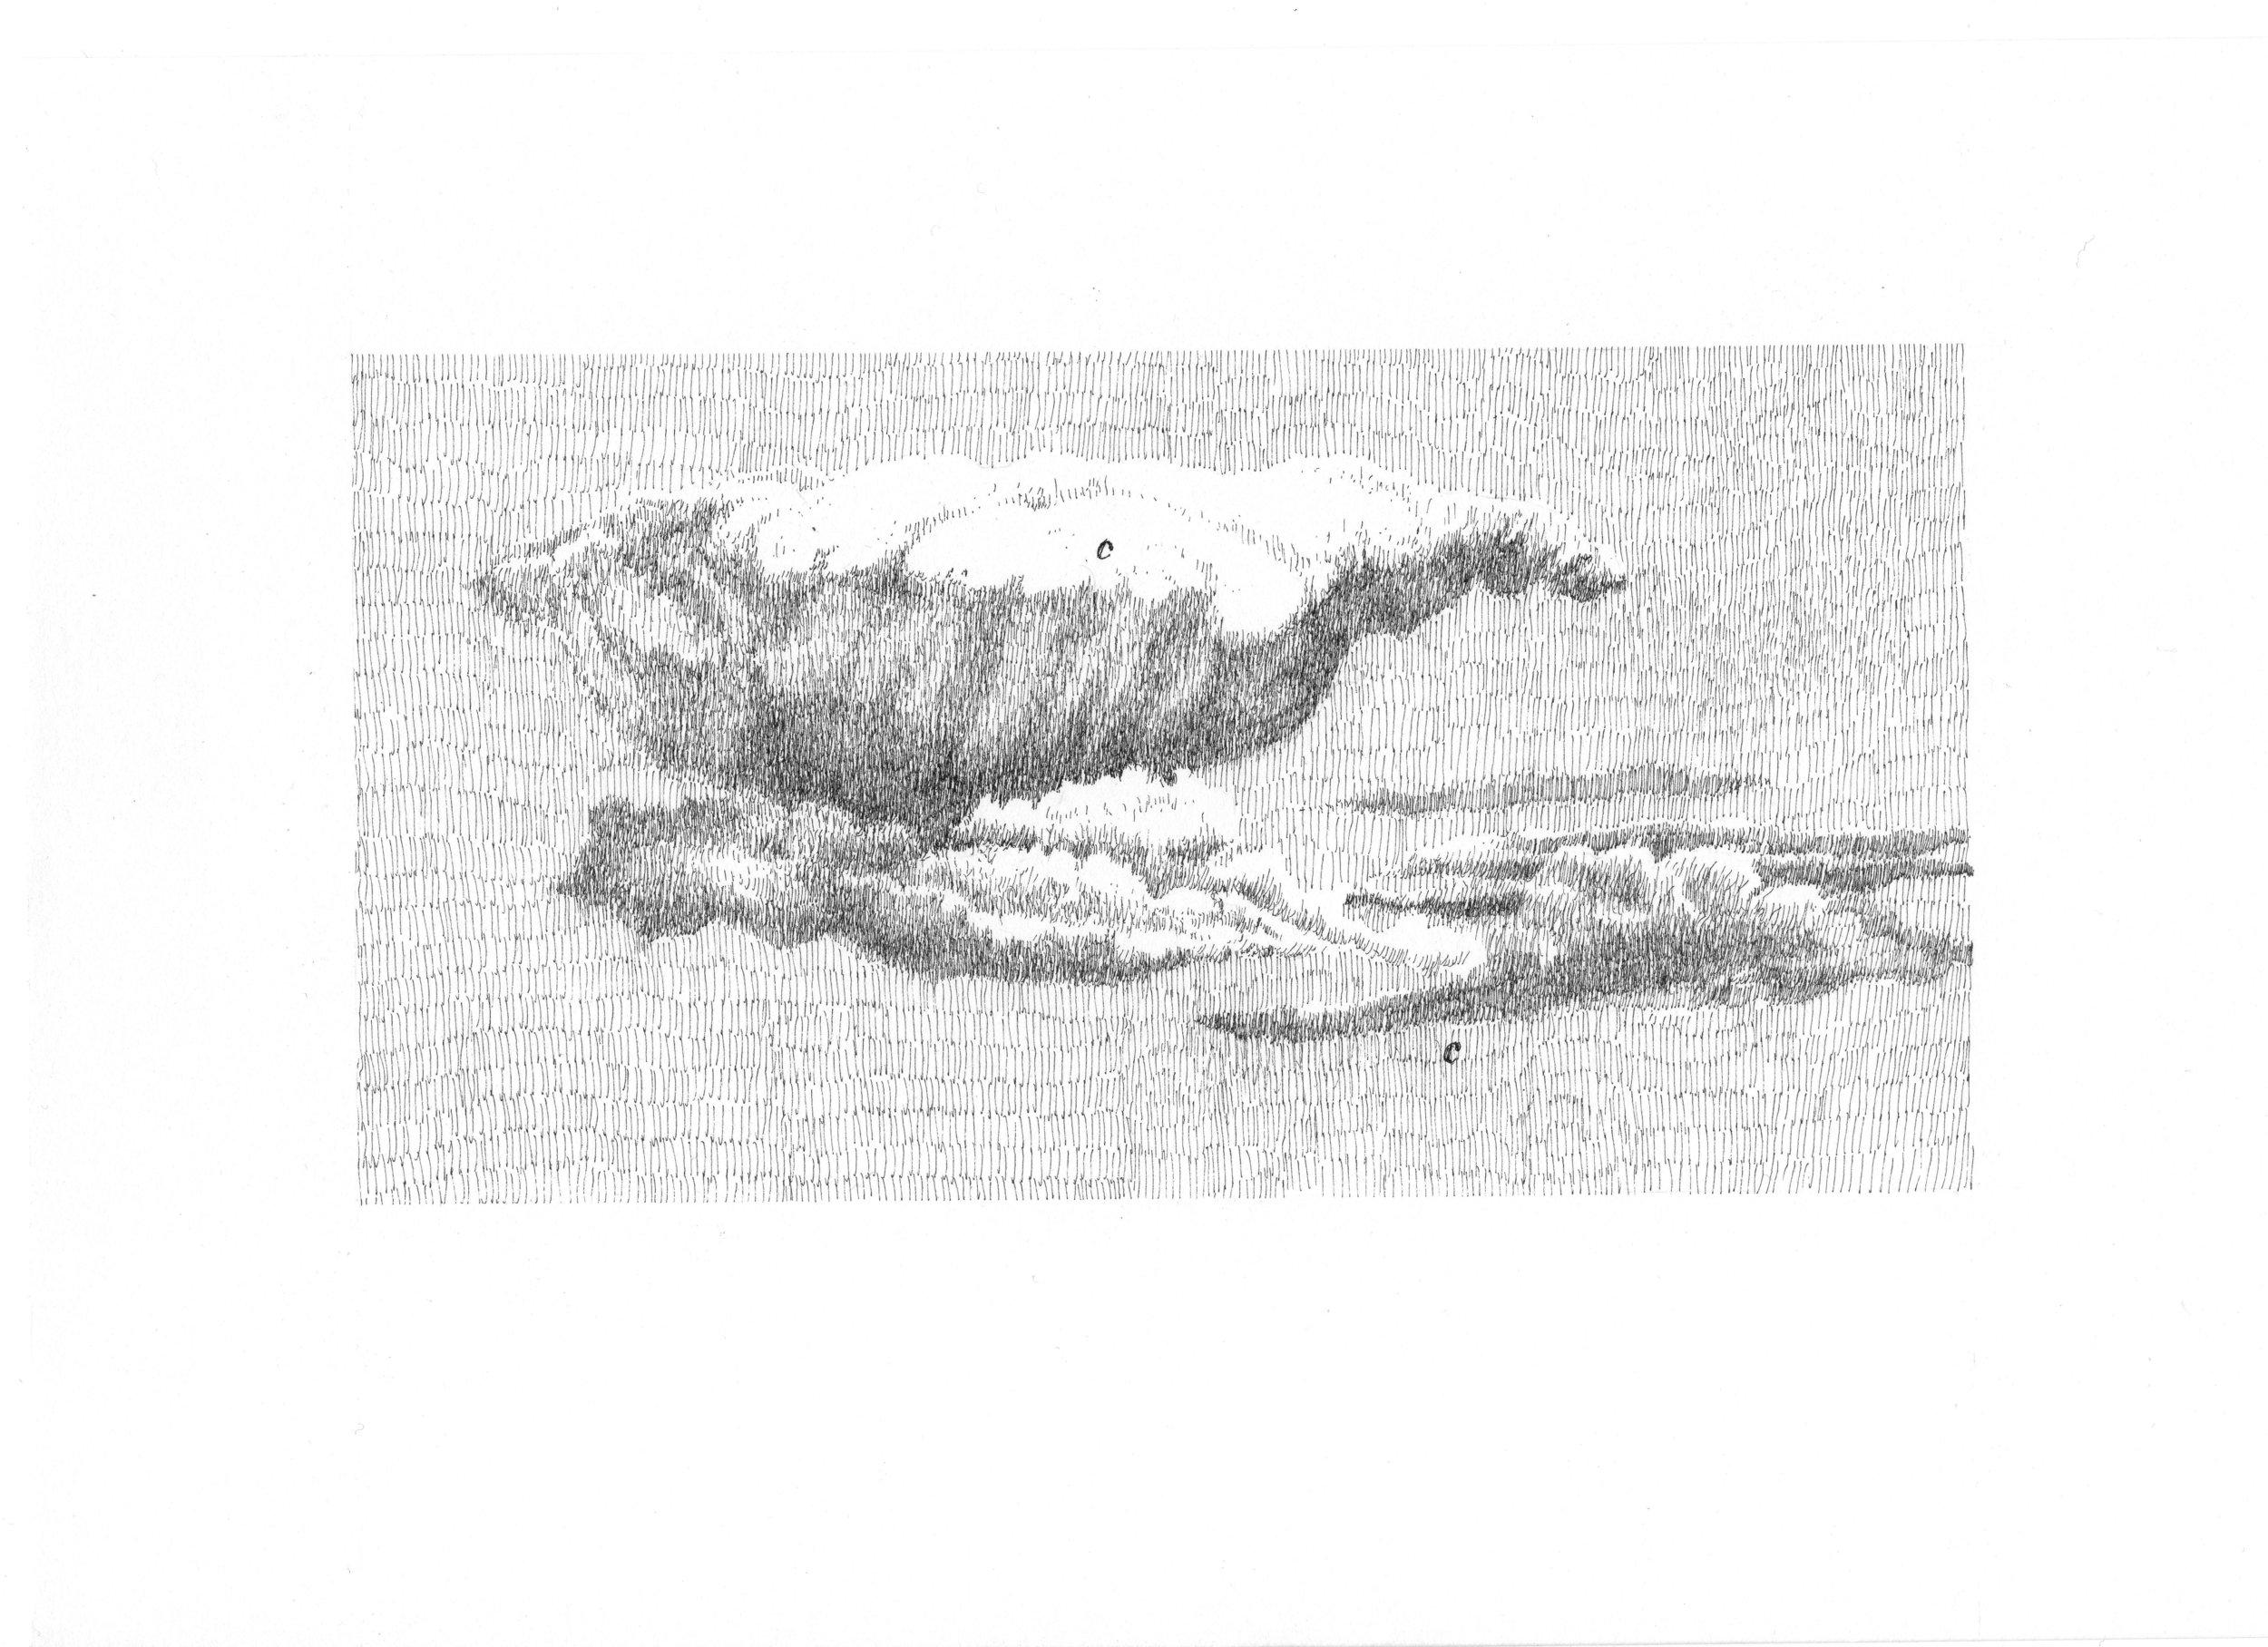 Nicolas Darrot, de la série « Le Château », encre de chine sur papier, 20×30 cm, 2019